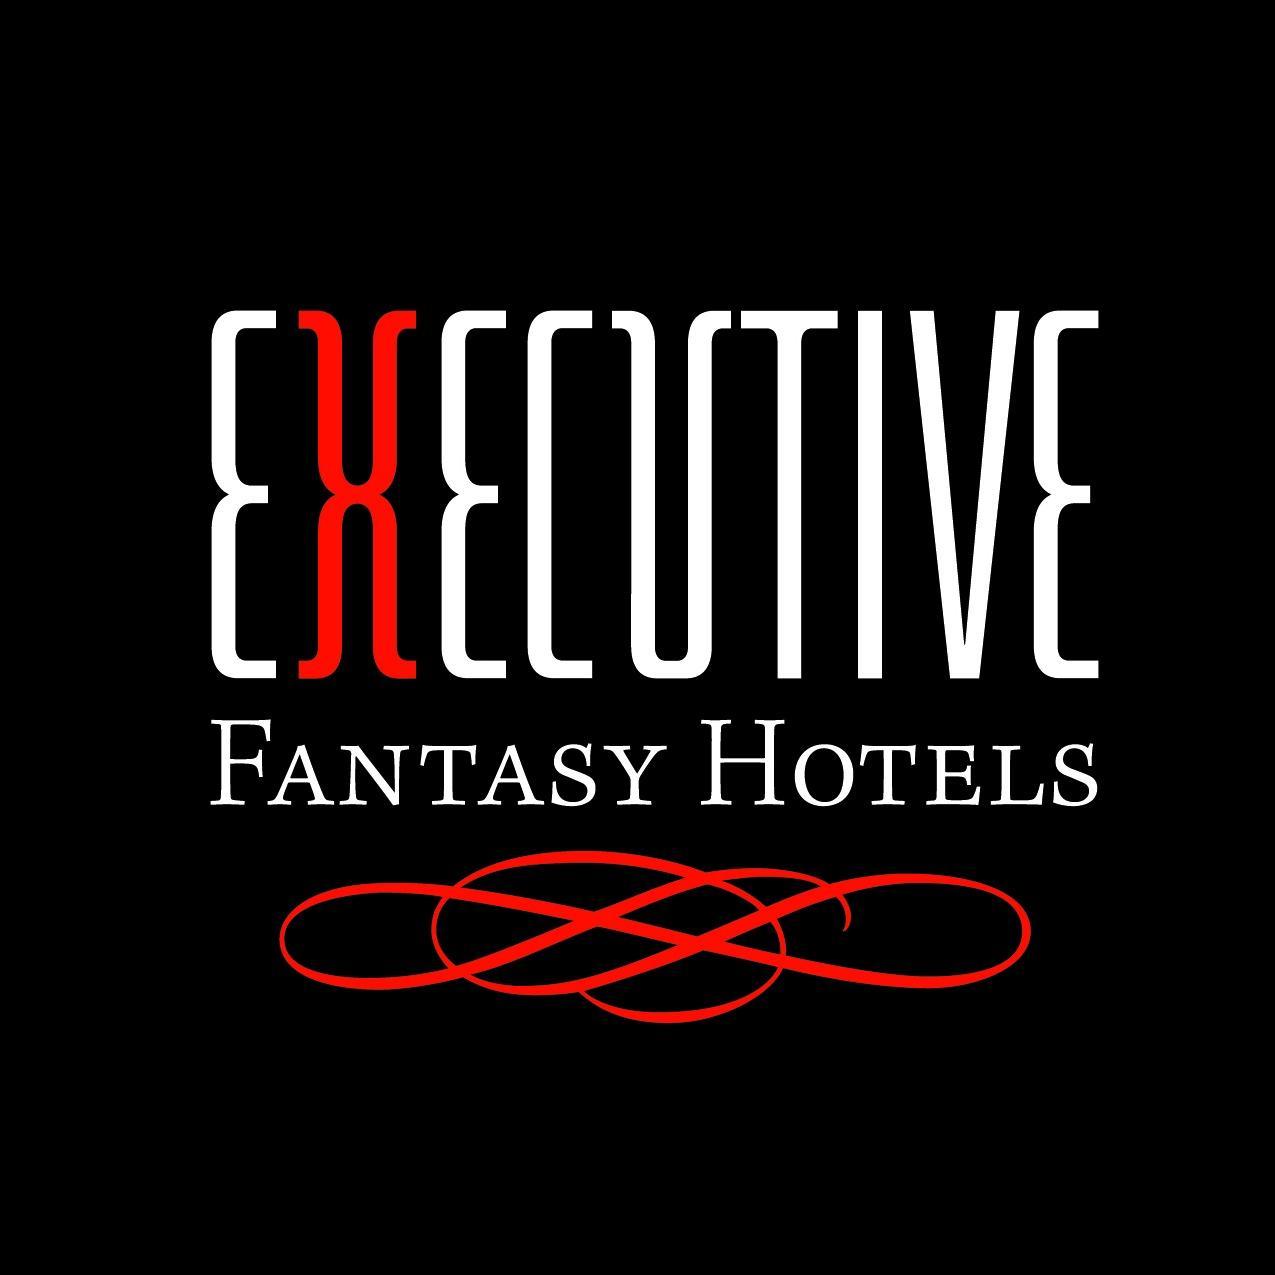 Executive Presidente Hotel